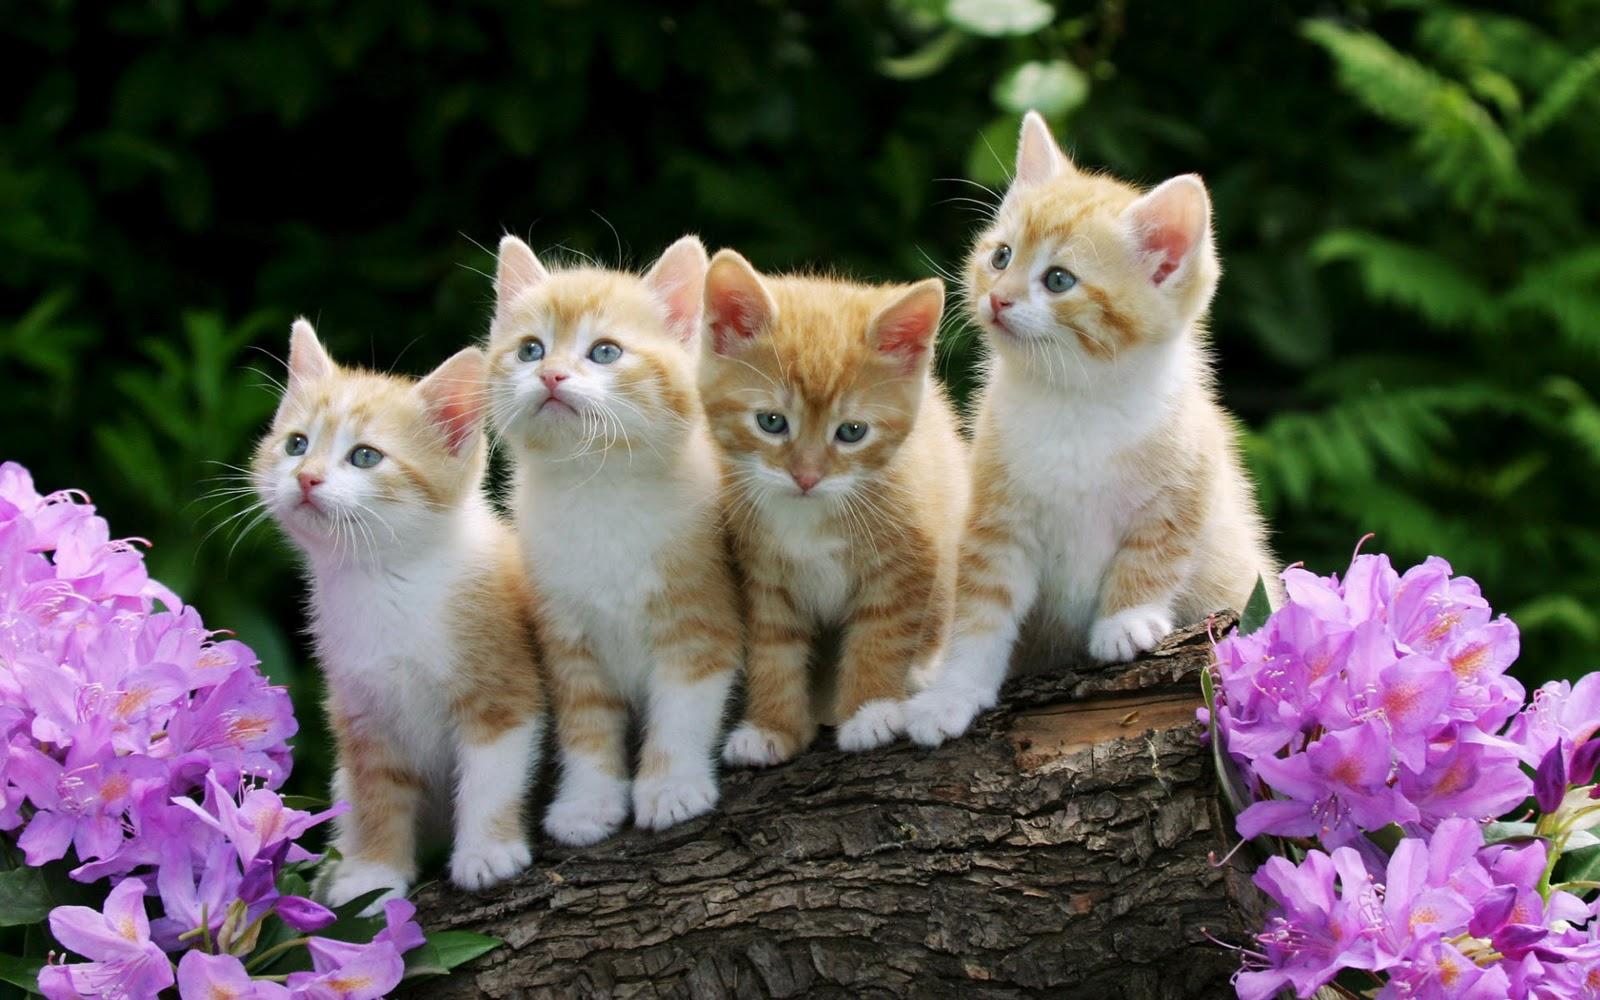 http://4.bp.blogspot.com/-fShxis8PIU0/Toa4sKukxXI/AAAAAAAAAkg/W6FAw3b3Xho/s1600/Curious-Kittens-wallpaper.jpg